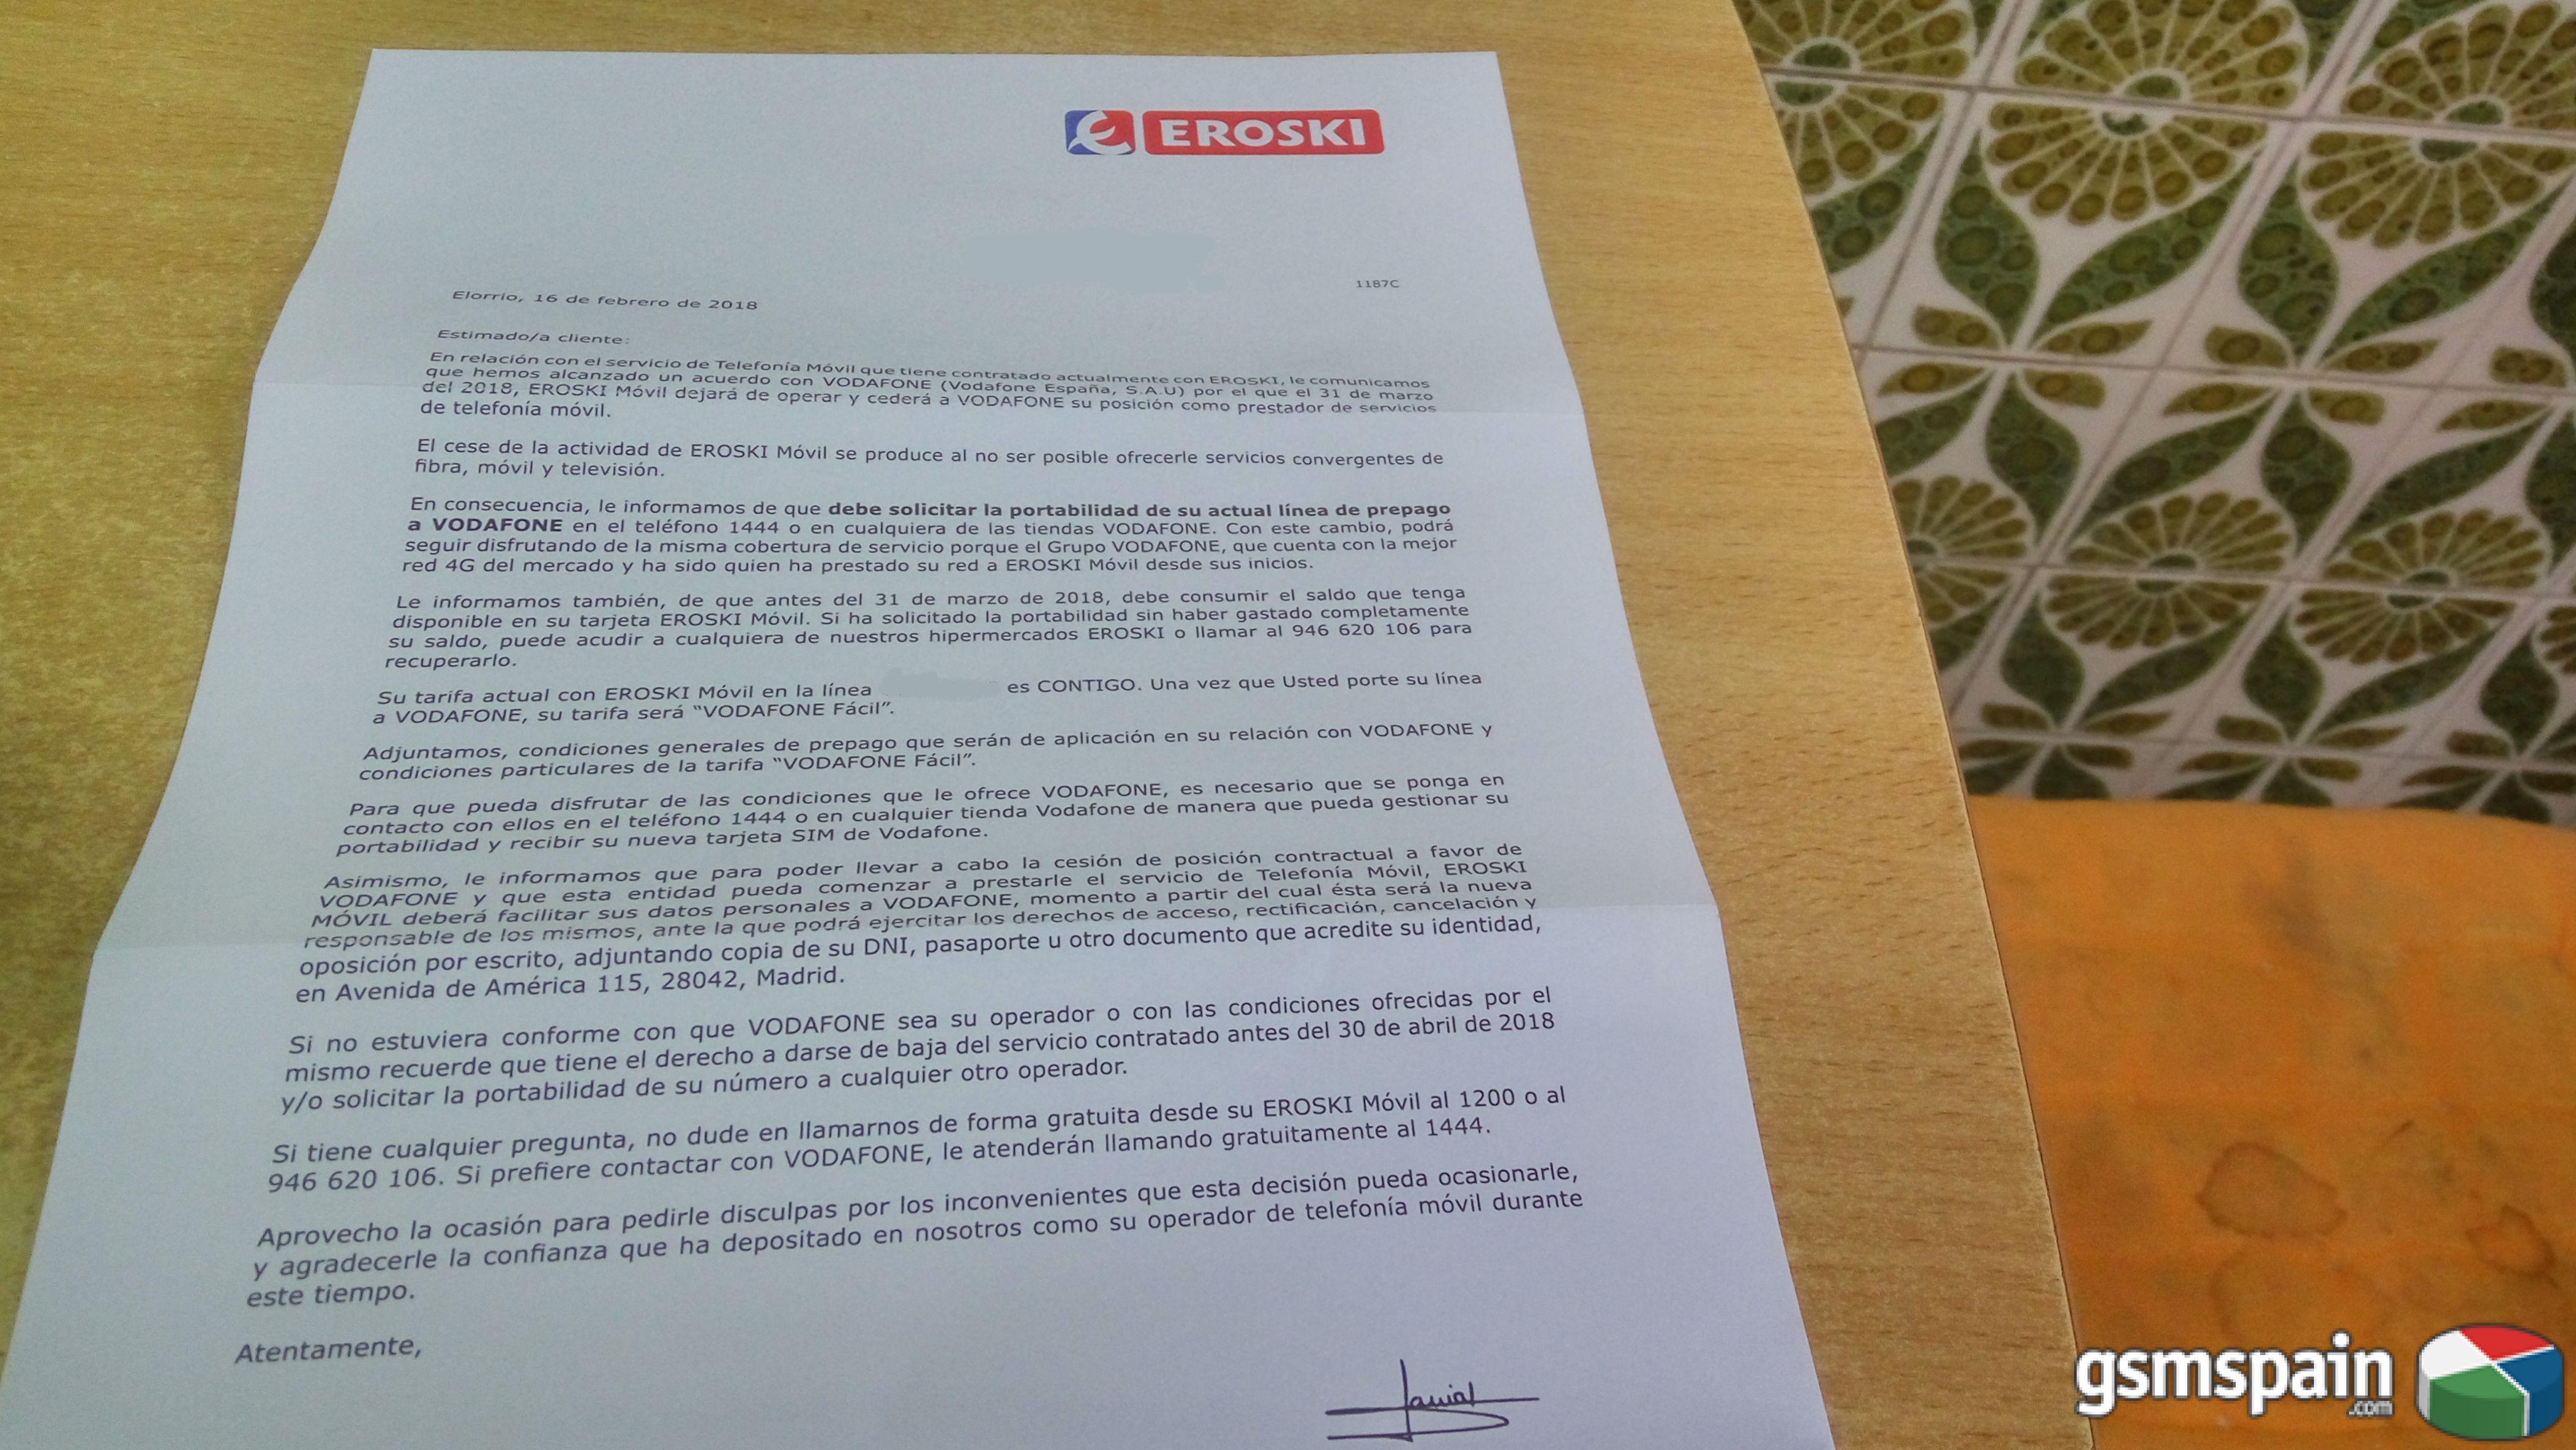 Eroski traspasa su cartera de clientes a Vodafone